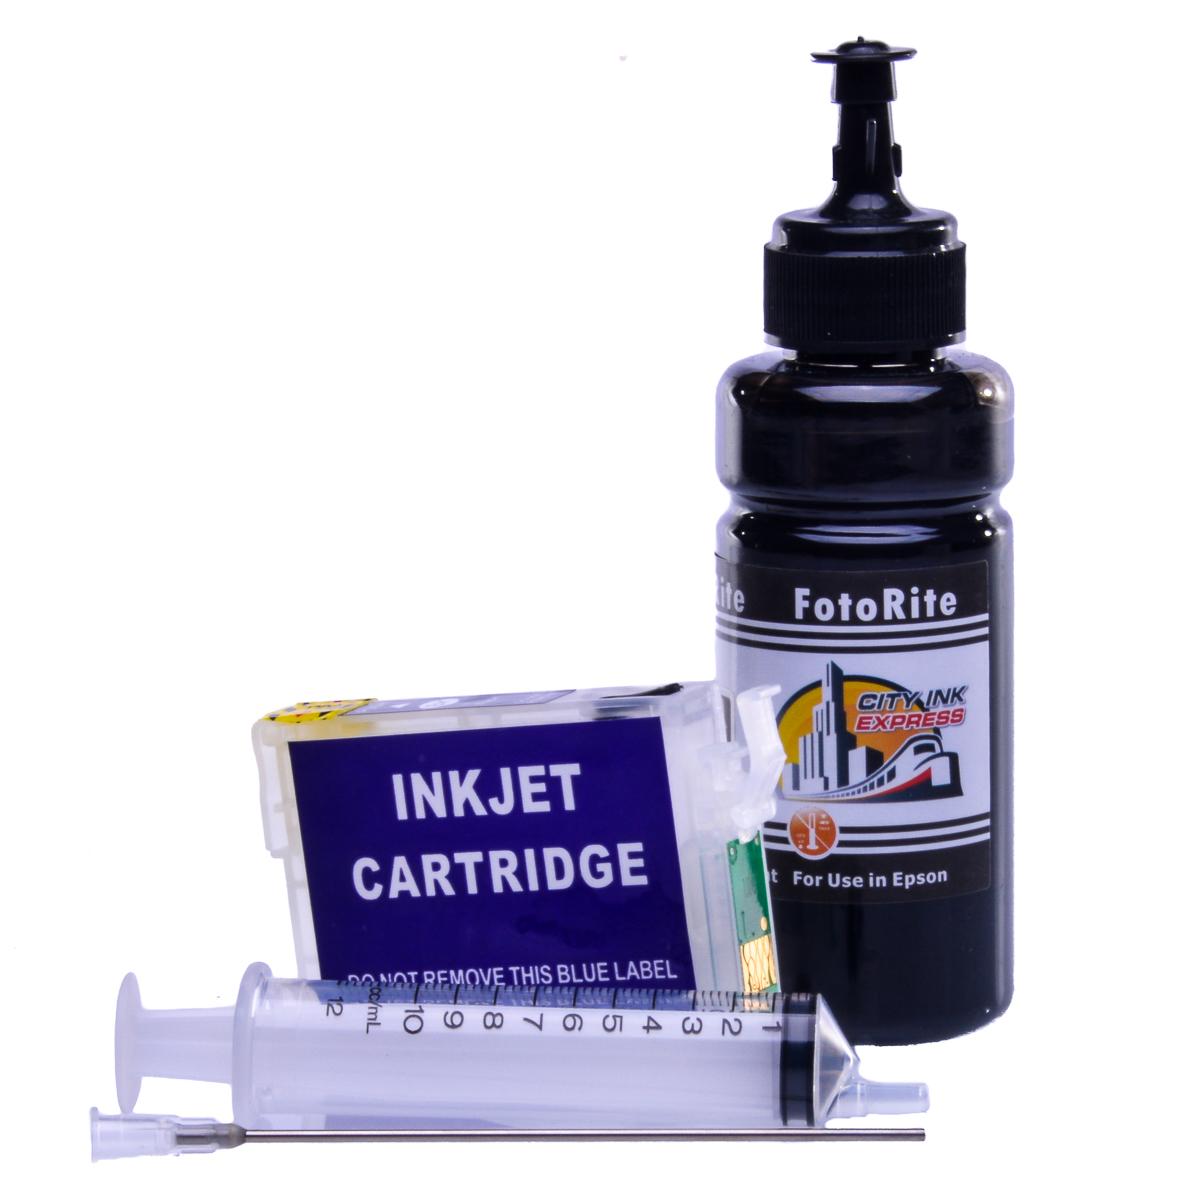 Refillable pigment Cheap printer cartridges for Epson XP-212 C13T18114010 T1811 Black